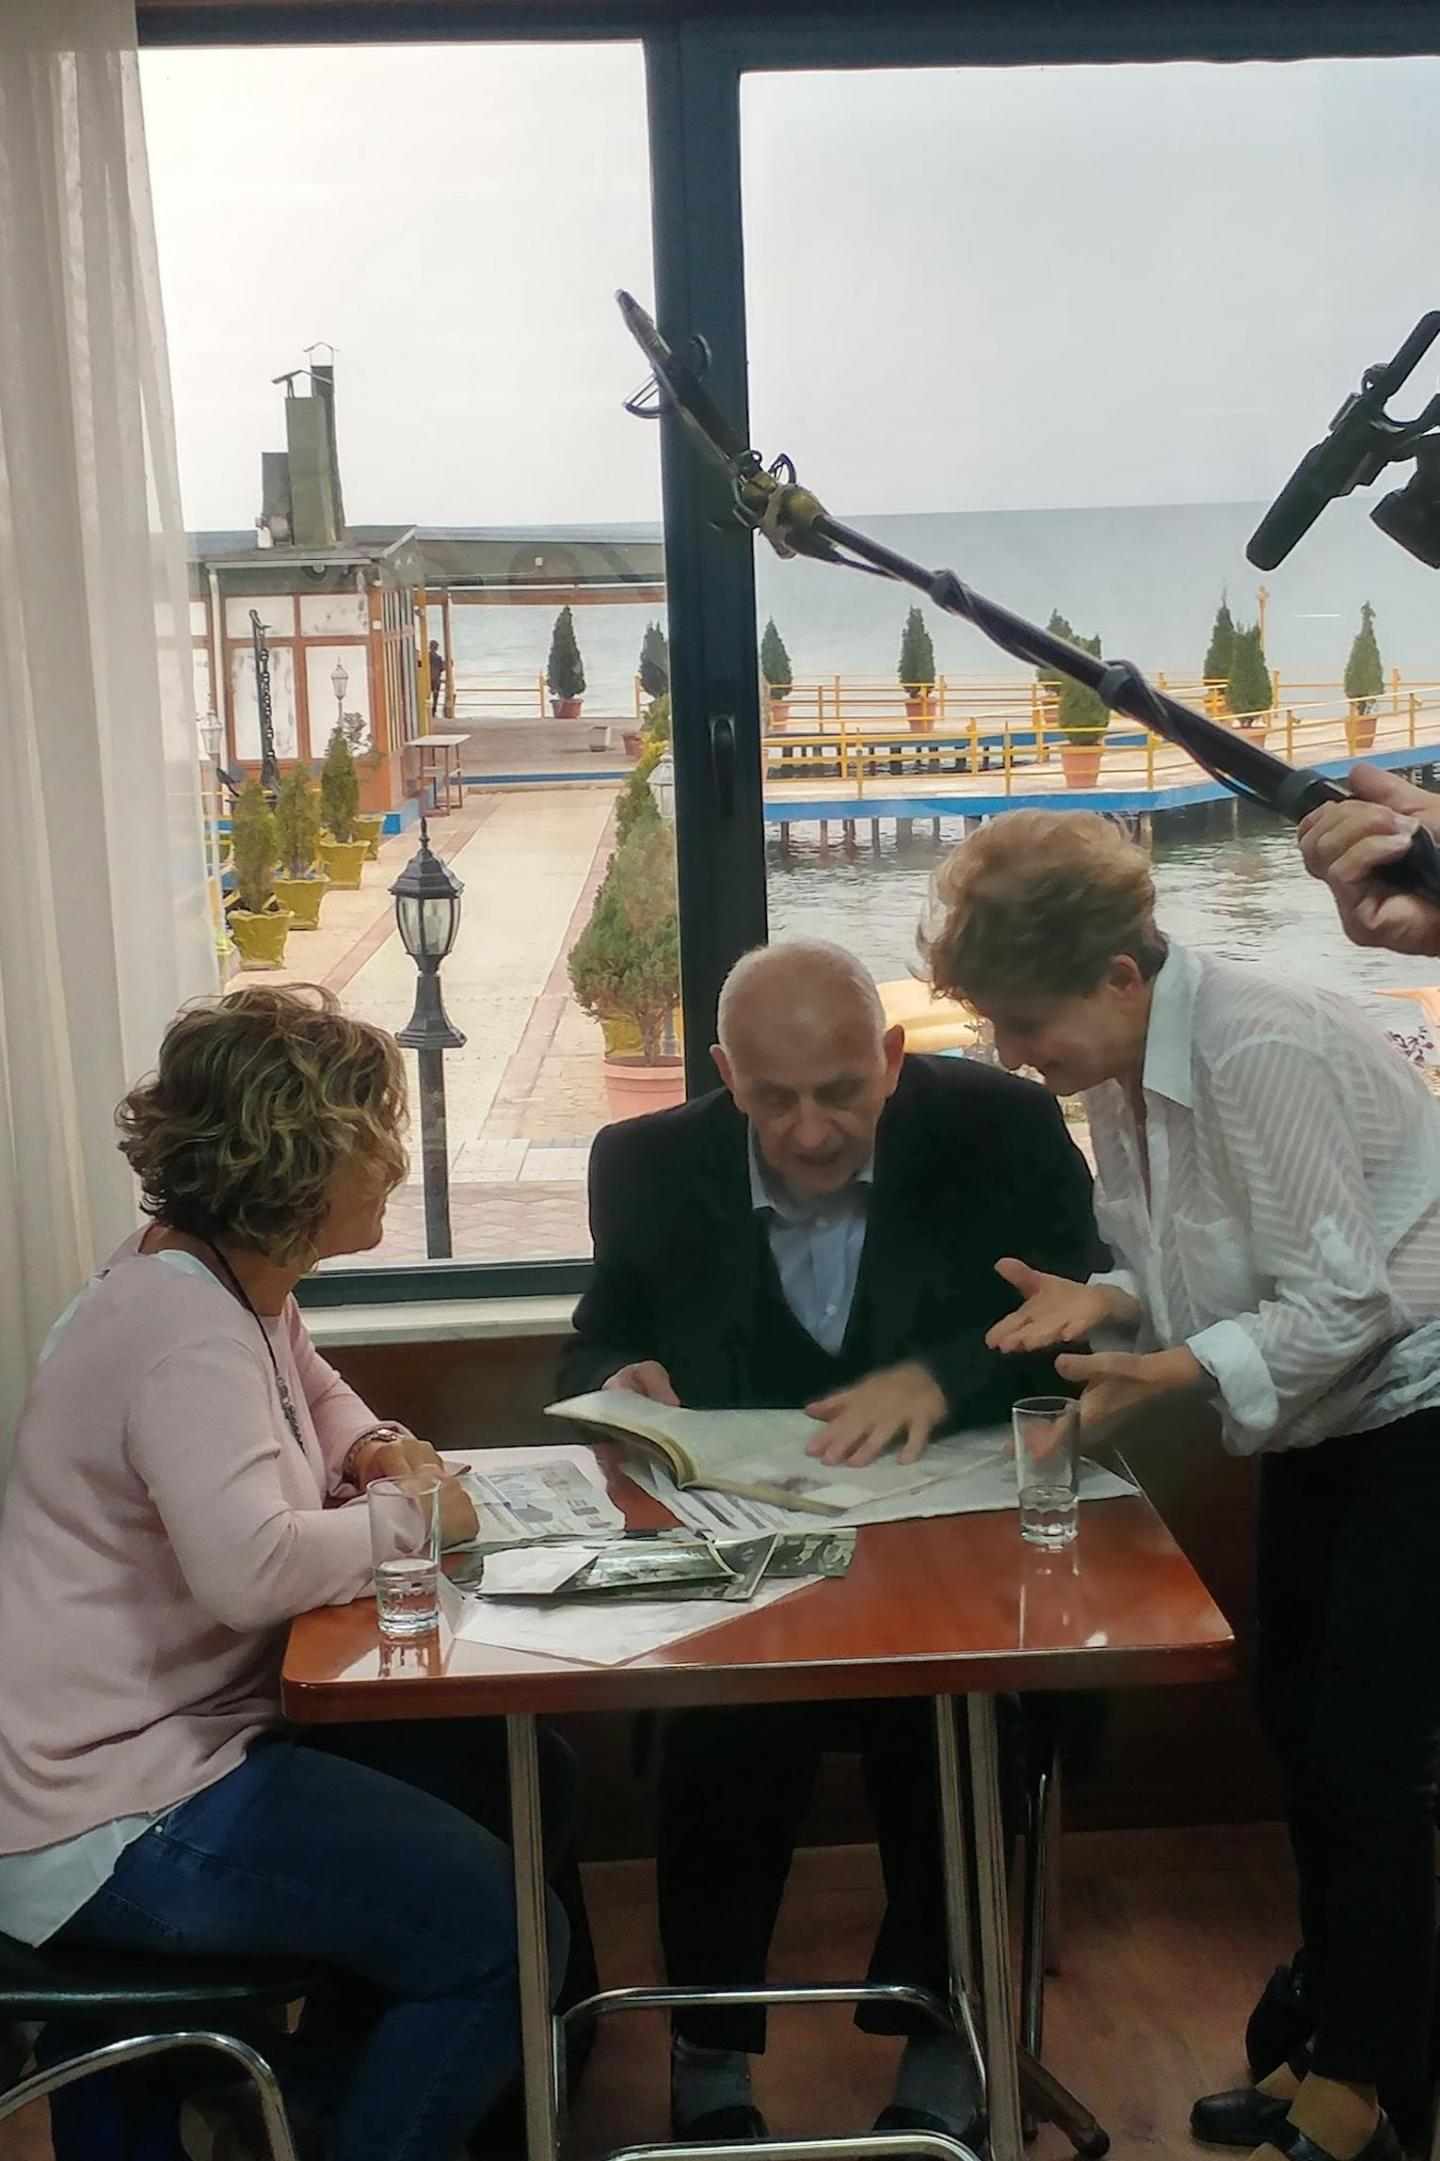 """La vita di Esther sarà raccontata da un documentario intitolato """"Just in Time""""; ecco una immagine durante le riprese"""